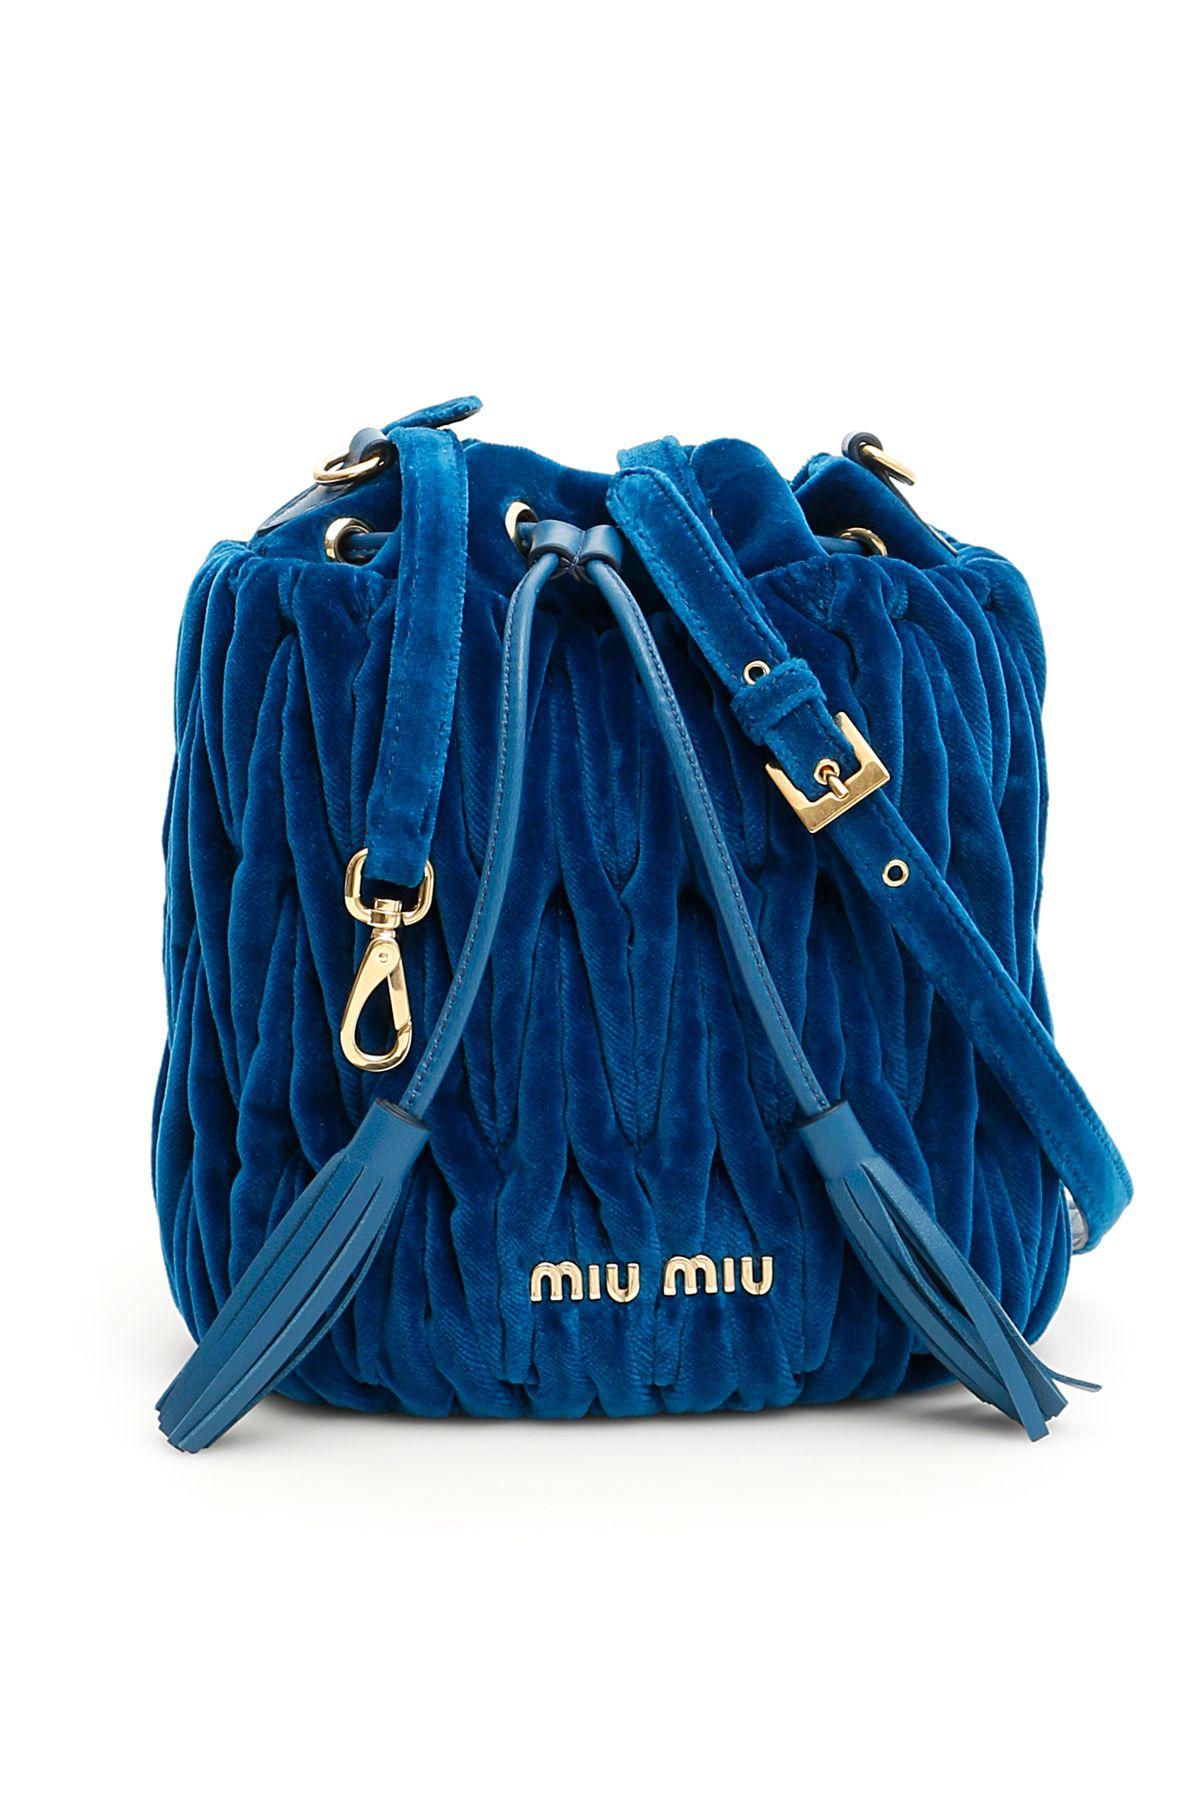 a5ad580d107 Miu Miu Miu Miu Velvet Matelassé Bucket Bag - COBALTO